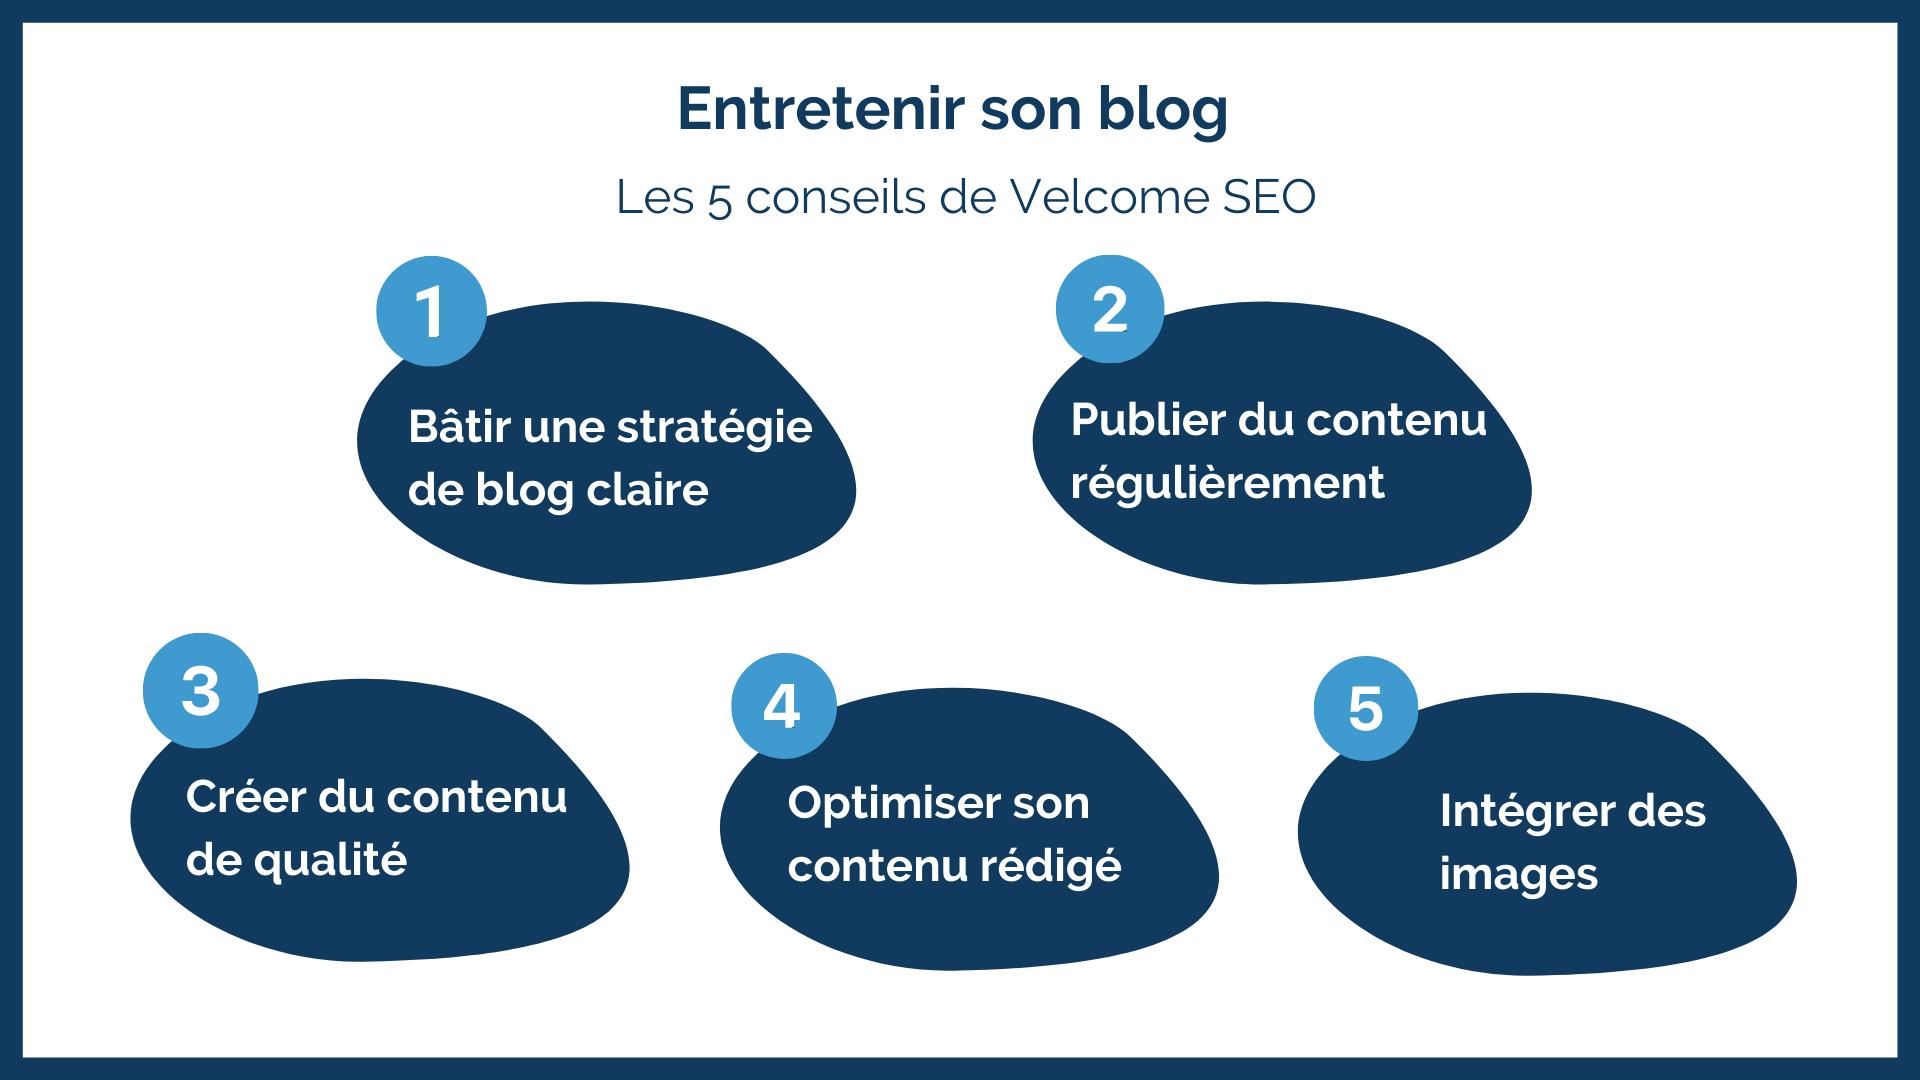 Entretenir son blog : les 5 conseils de Velcome SEO